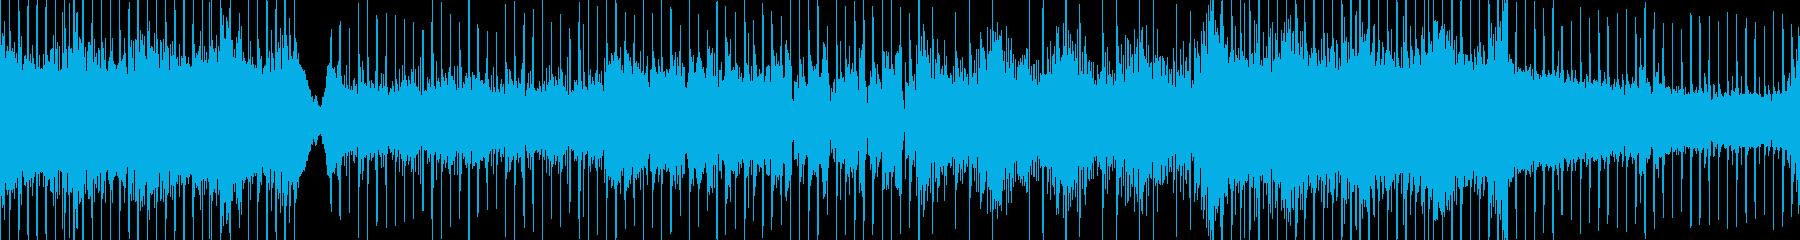 神が君臨するインド風デジロック ループの再生済みの波形